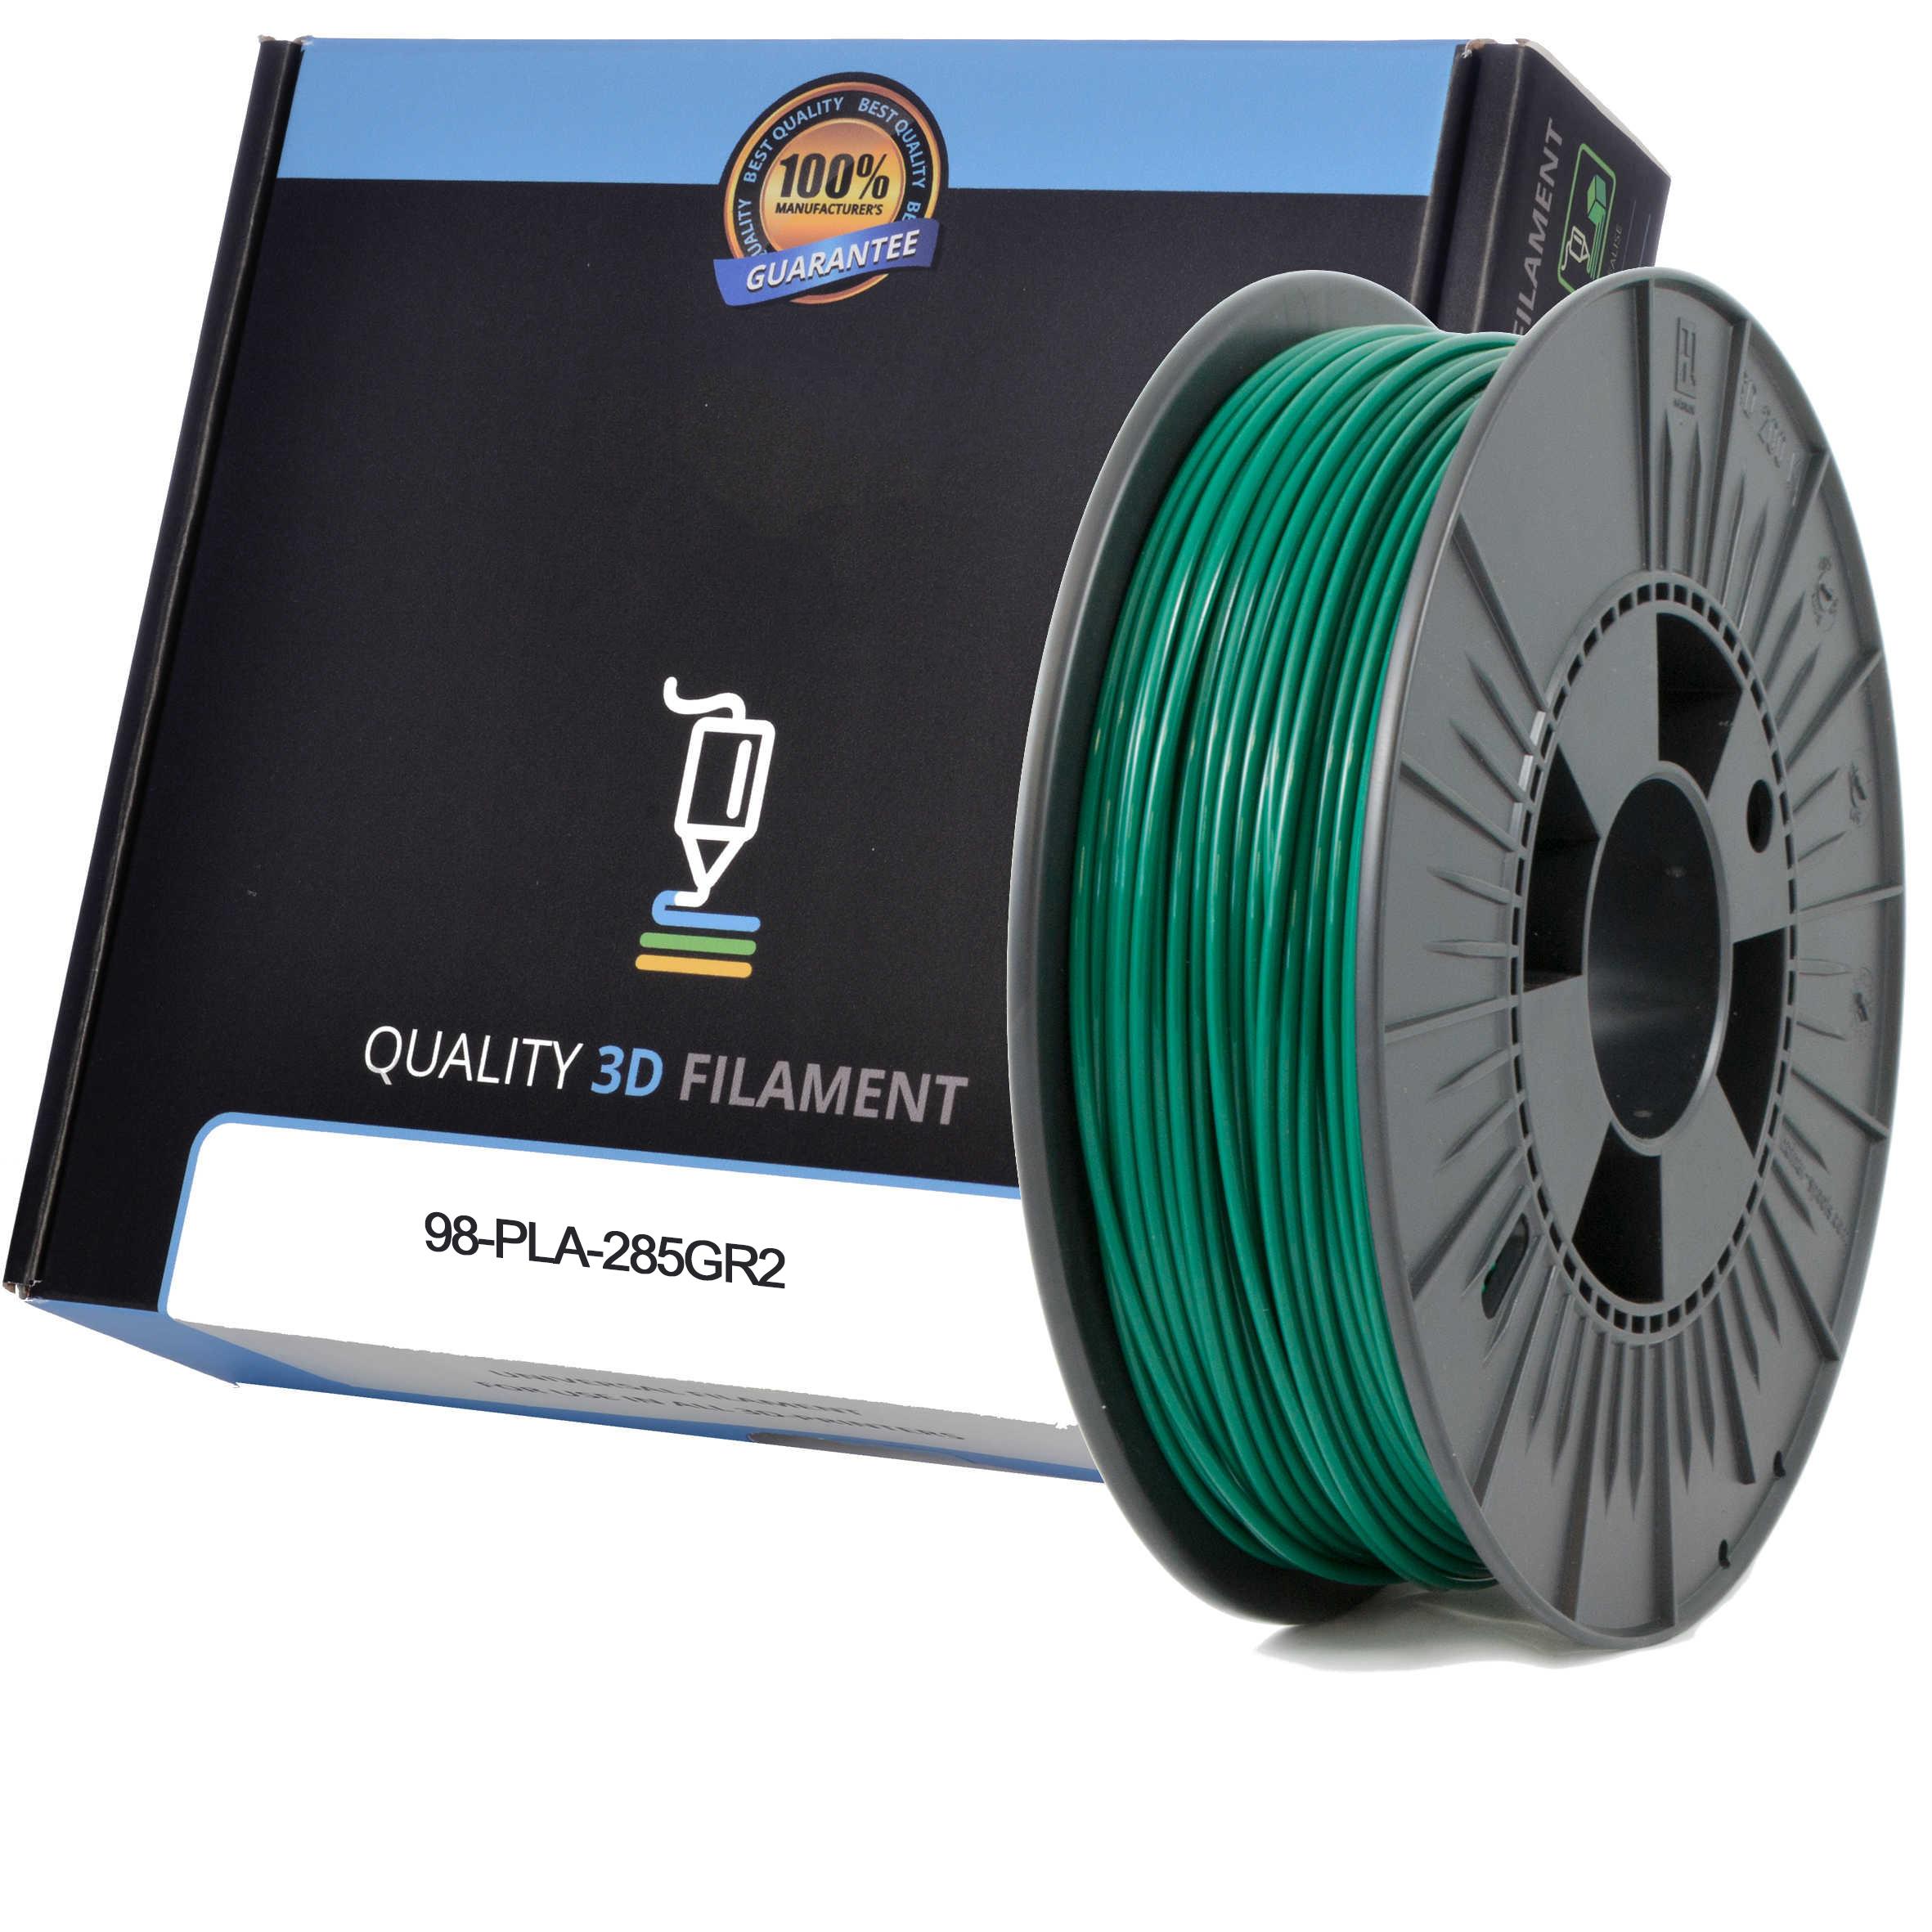 Premium Compatible PLA 2.85mm Dark Green 0.5kg 3D Filament (98-PLA-285GR2)